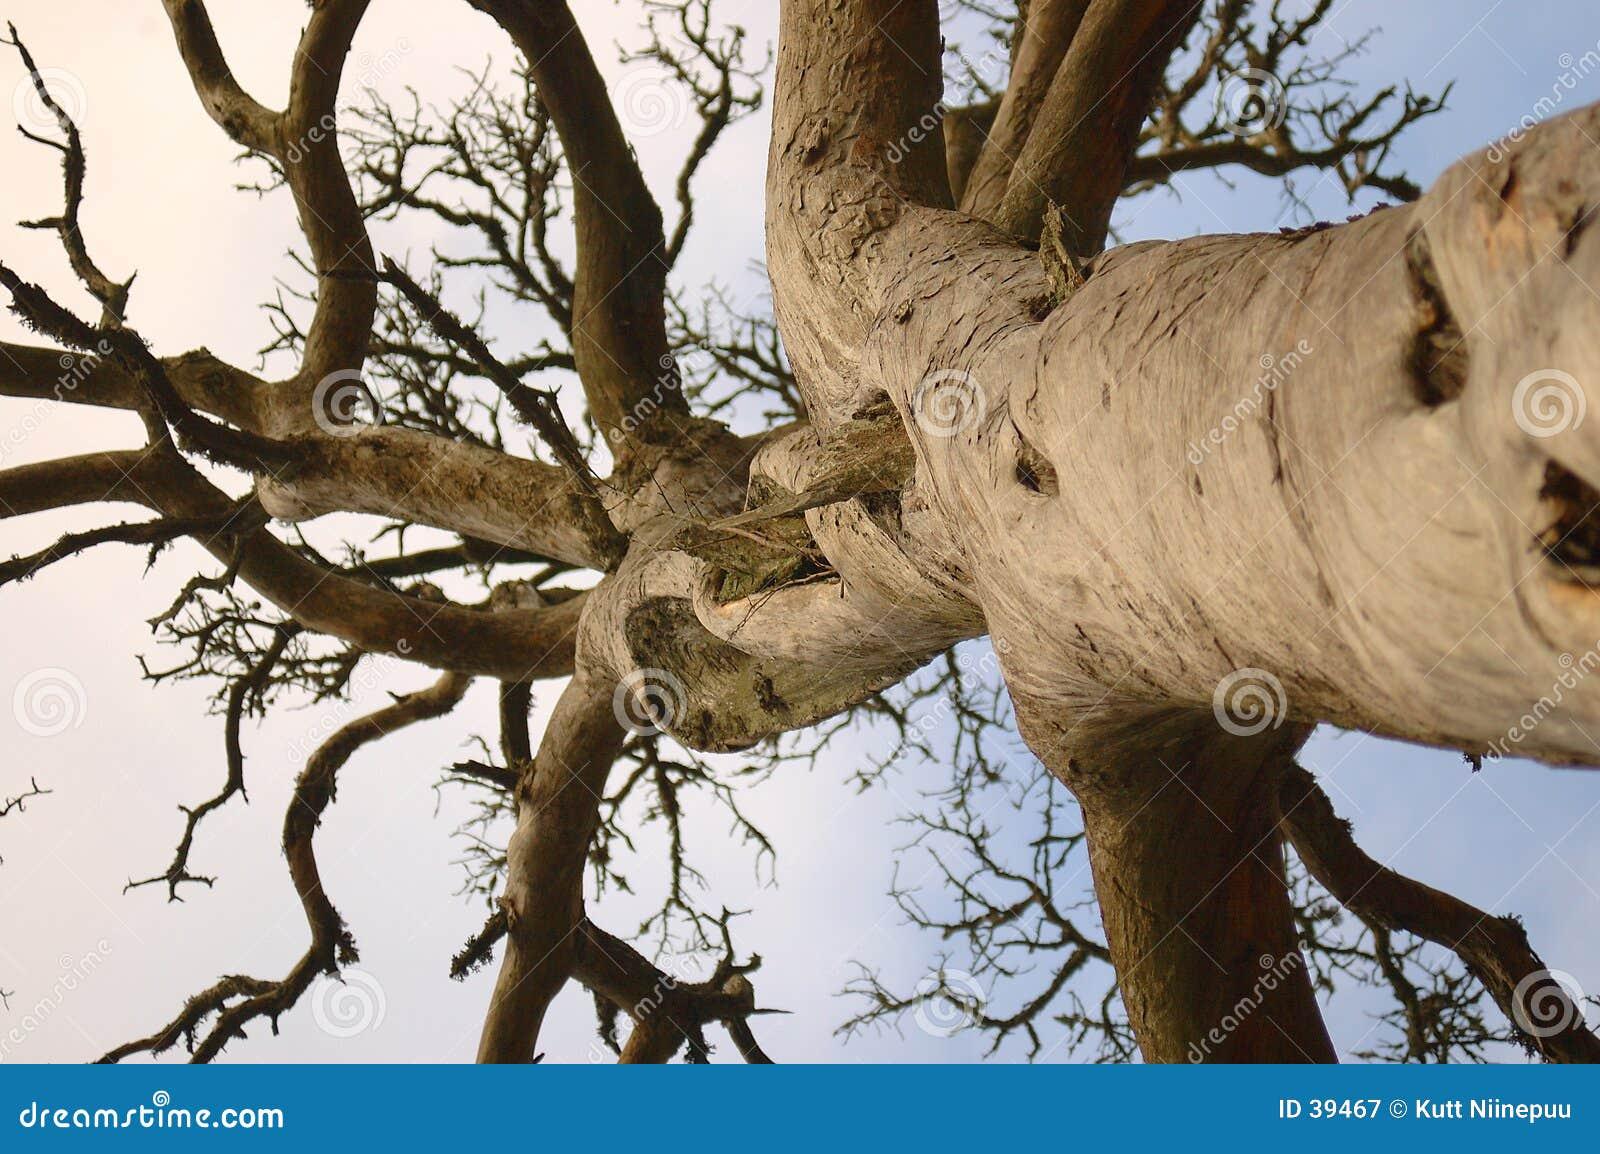 Pine tułowia nie żyje